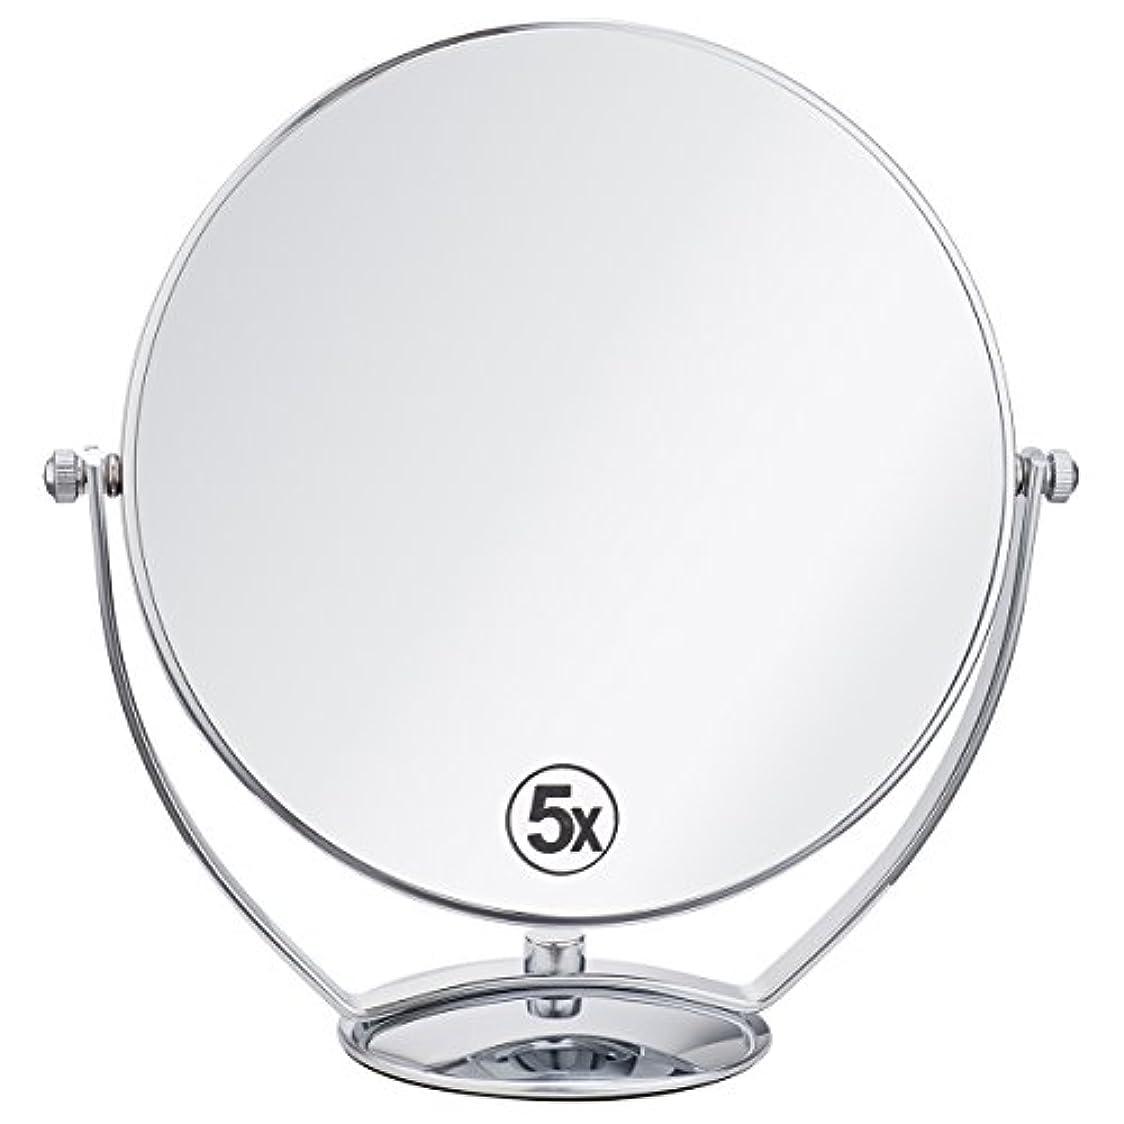 満州叙情的な食欲(セーディコ)Cerdeco 西洋風鏡 真実の両面鏡DX 5倍拡大鏡+等倍鏡 両面化粧鏡 360度回転 卓上鏡 スタンドミラー メイク道具 大きい鏡面φ198mm j823